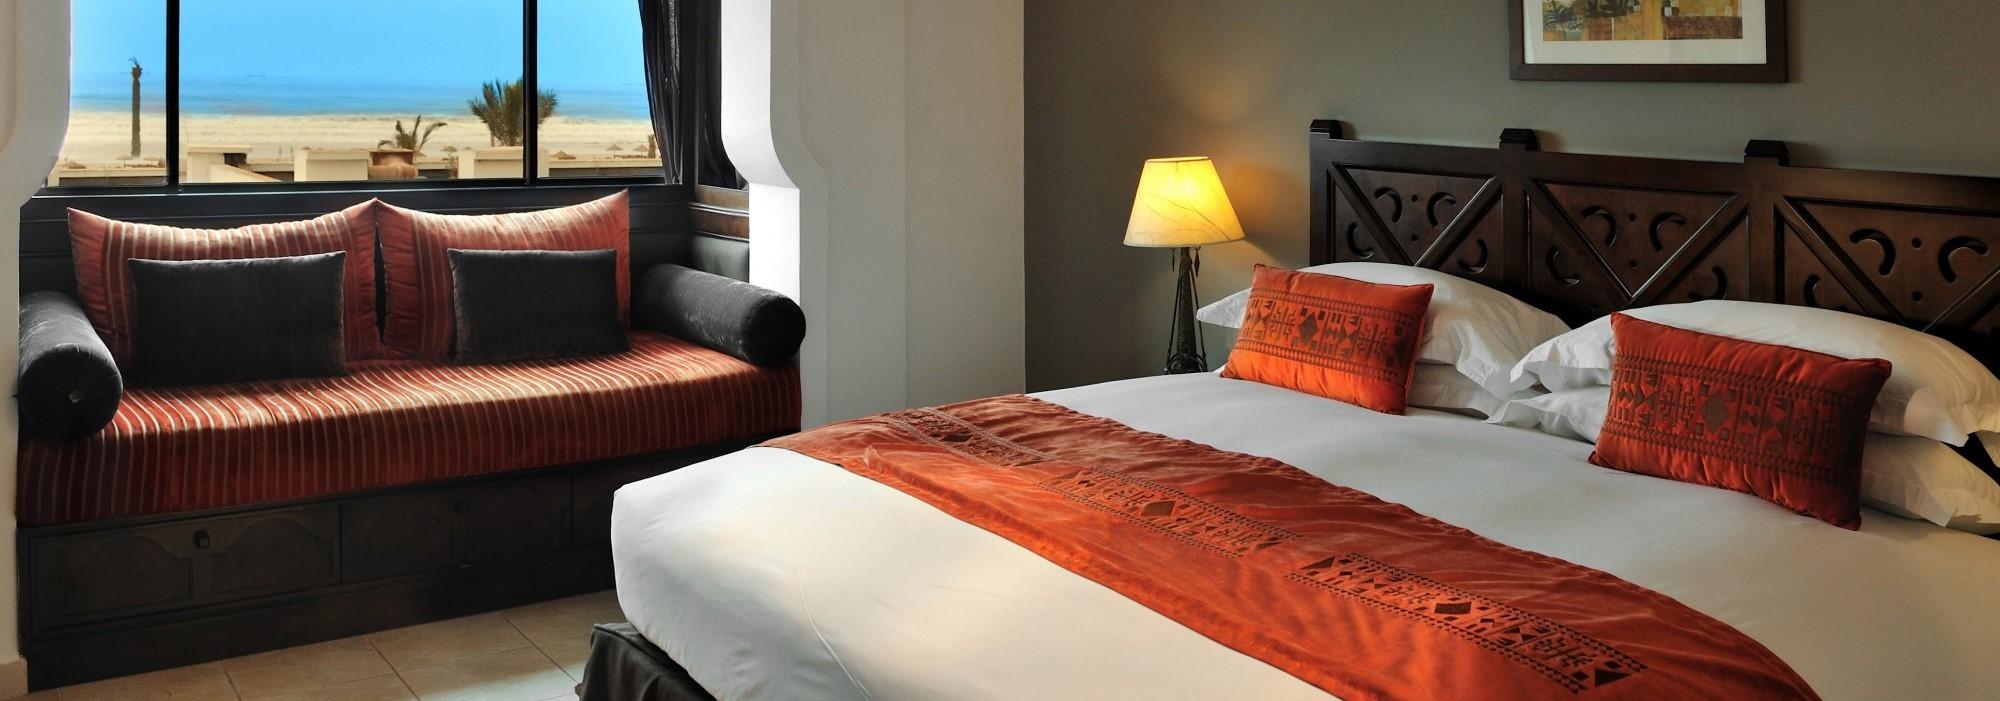 sofitel-luxury-ocean-view-room